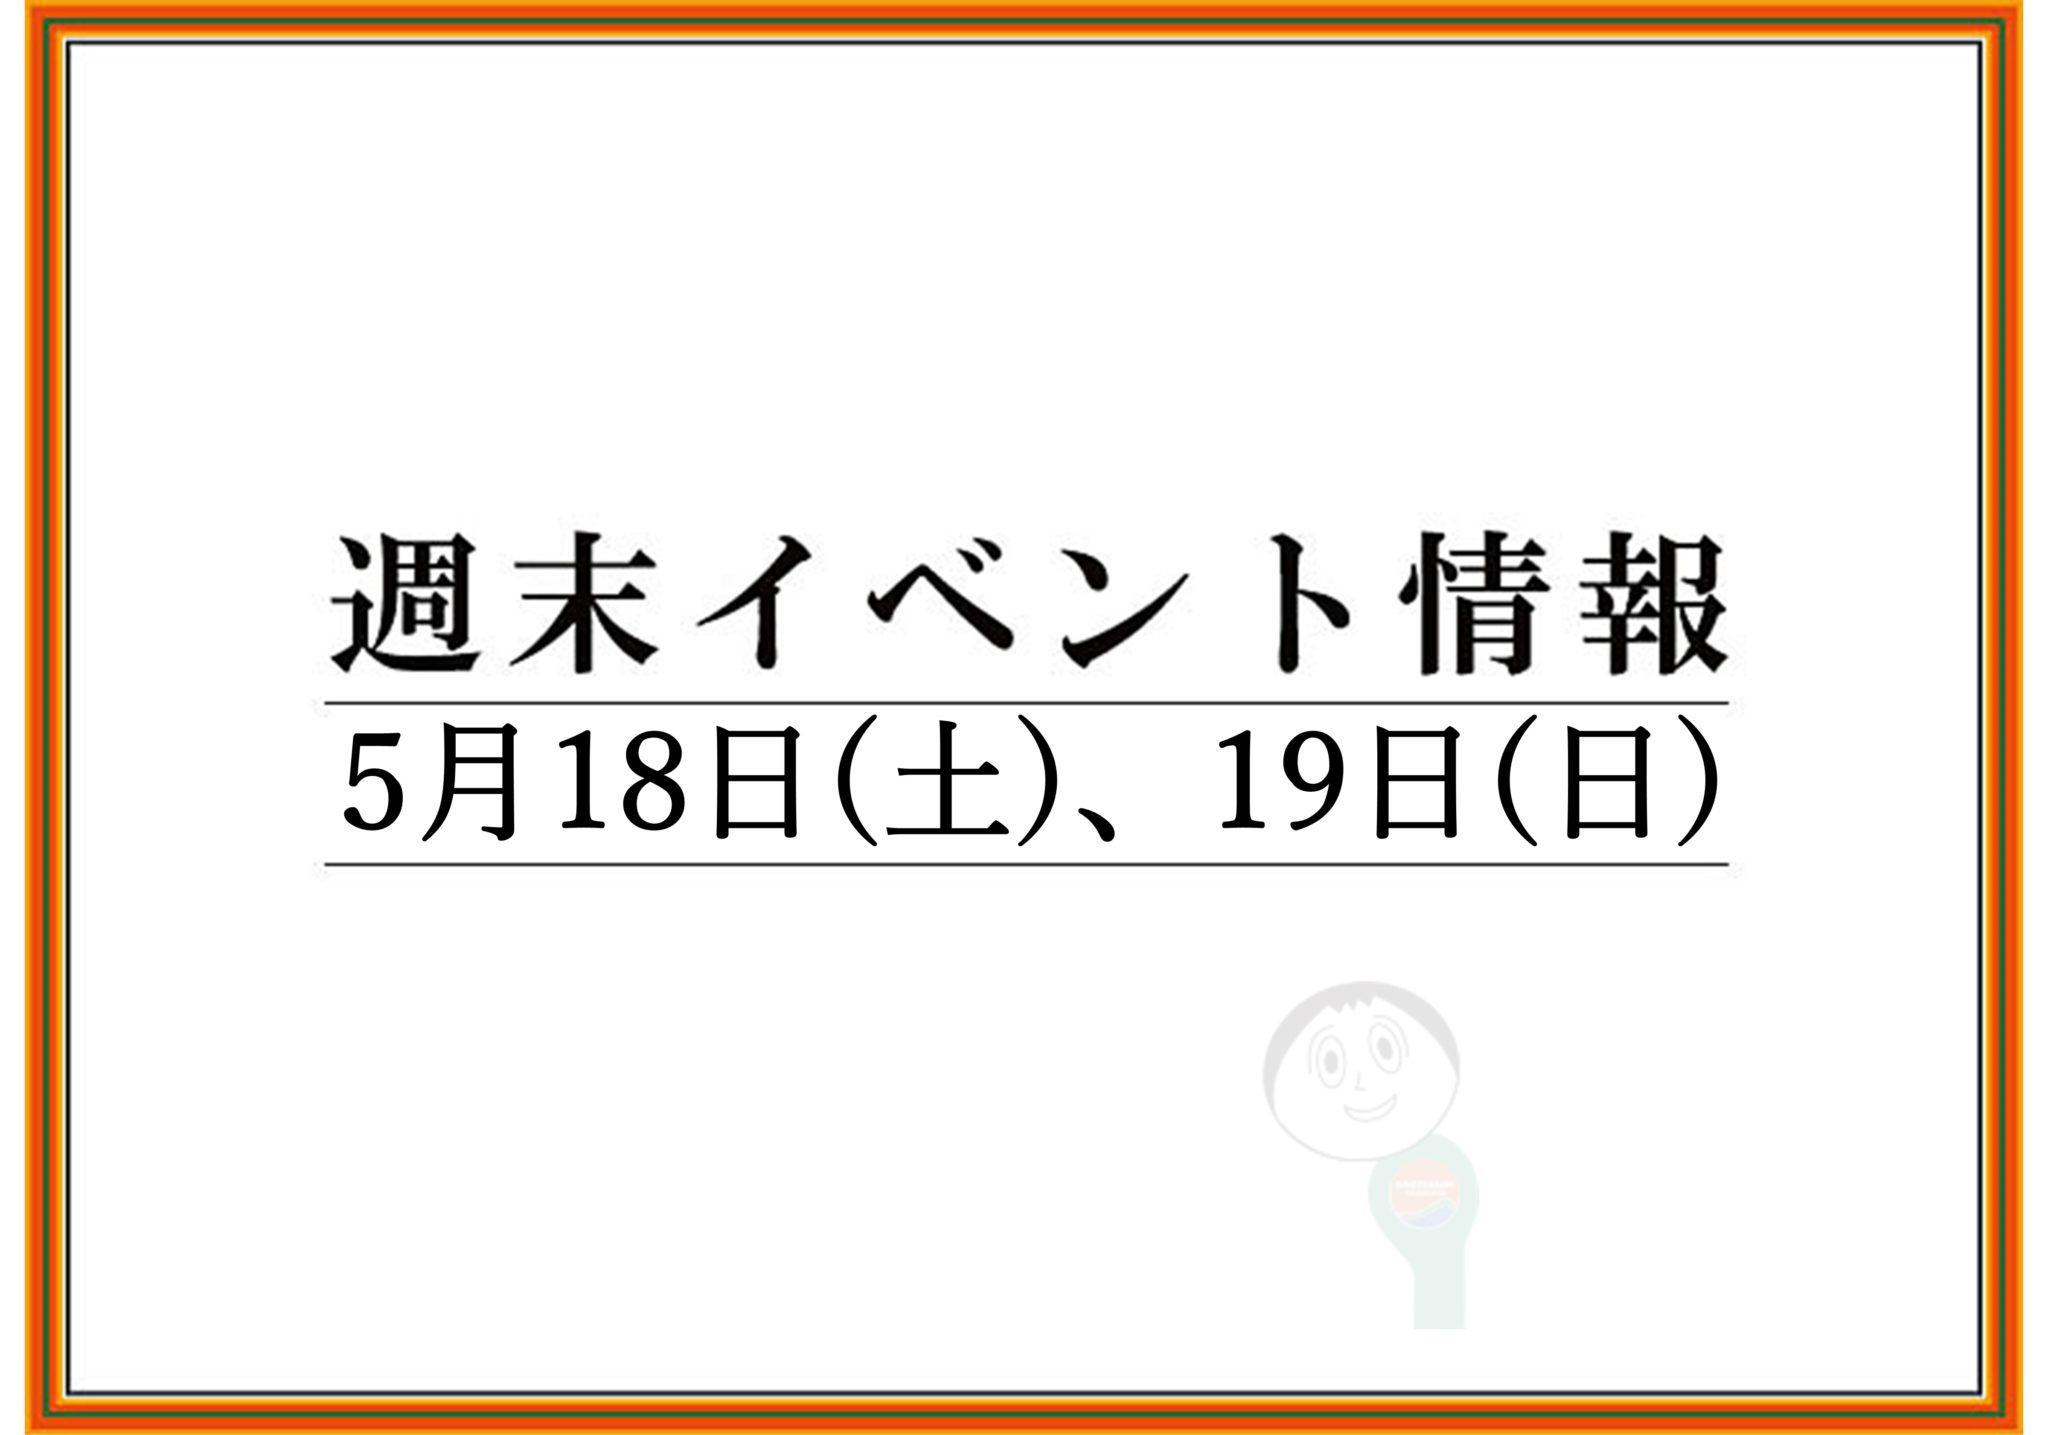 山形市周辺の週末イベント情報 5月18日(土),19日(日)